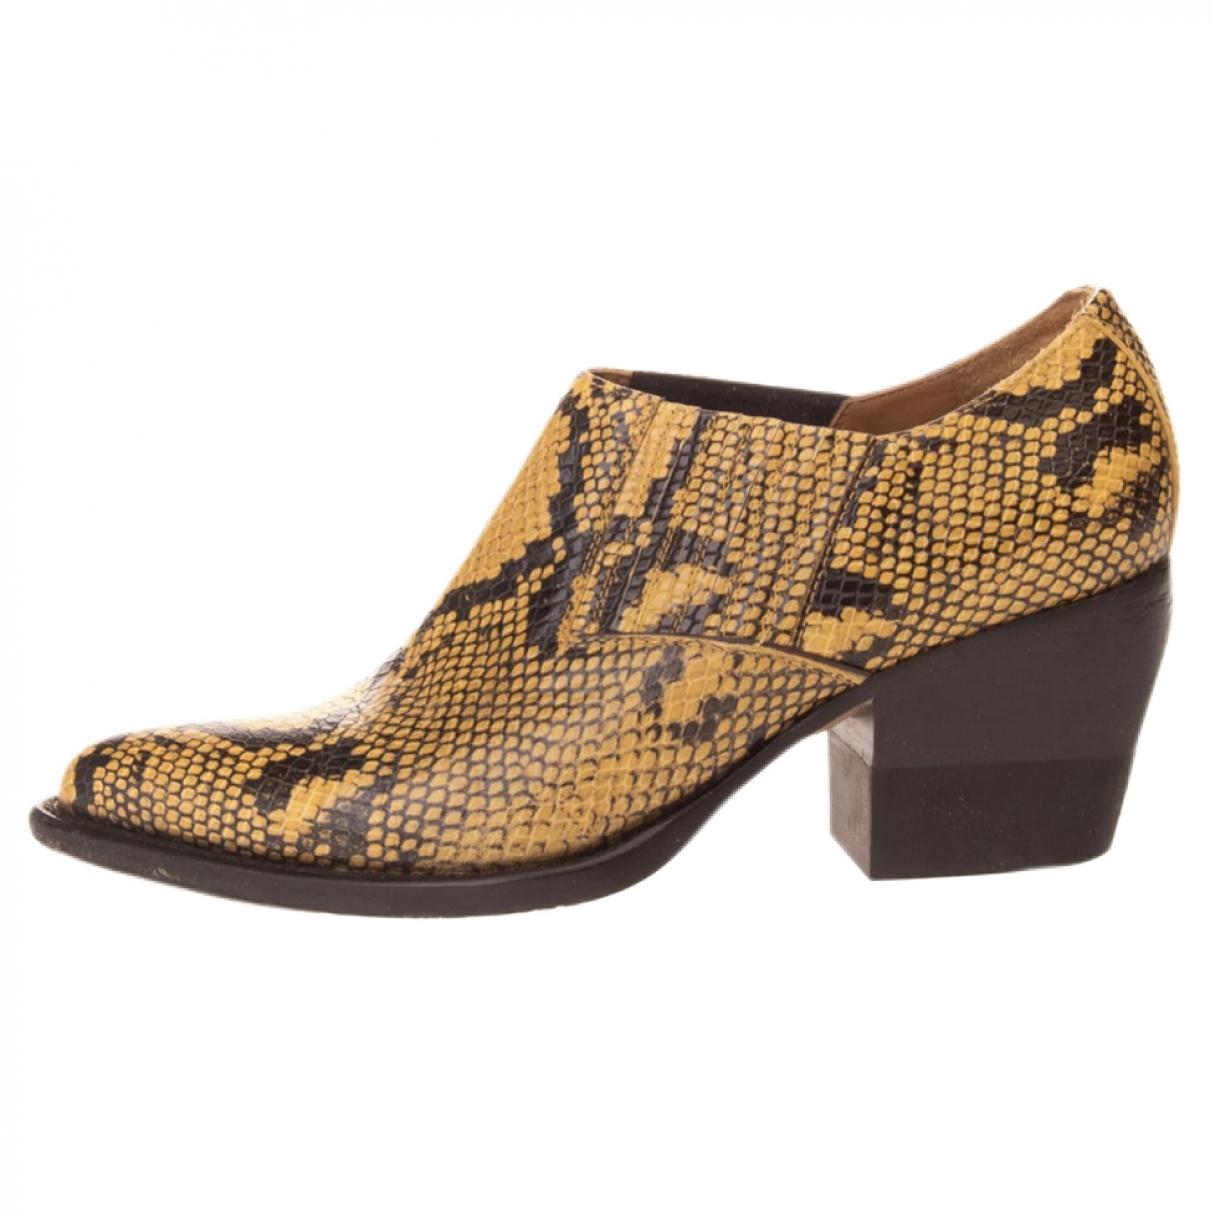 Chloe - Boots   pour femme en cuir - beige